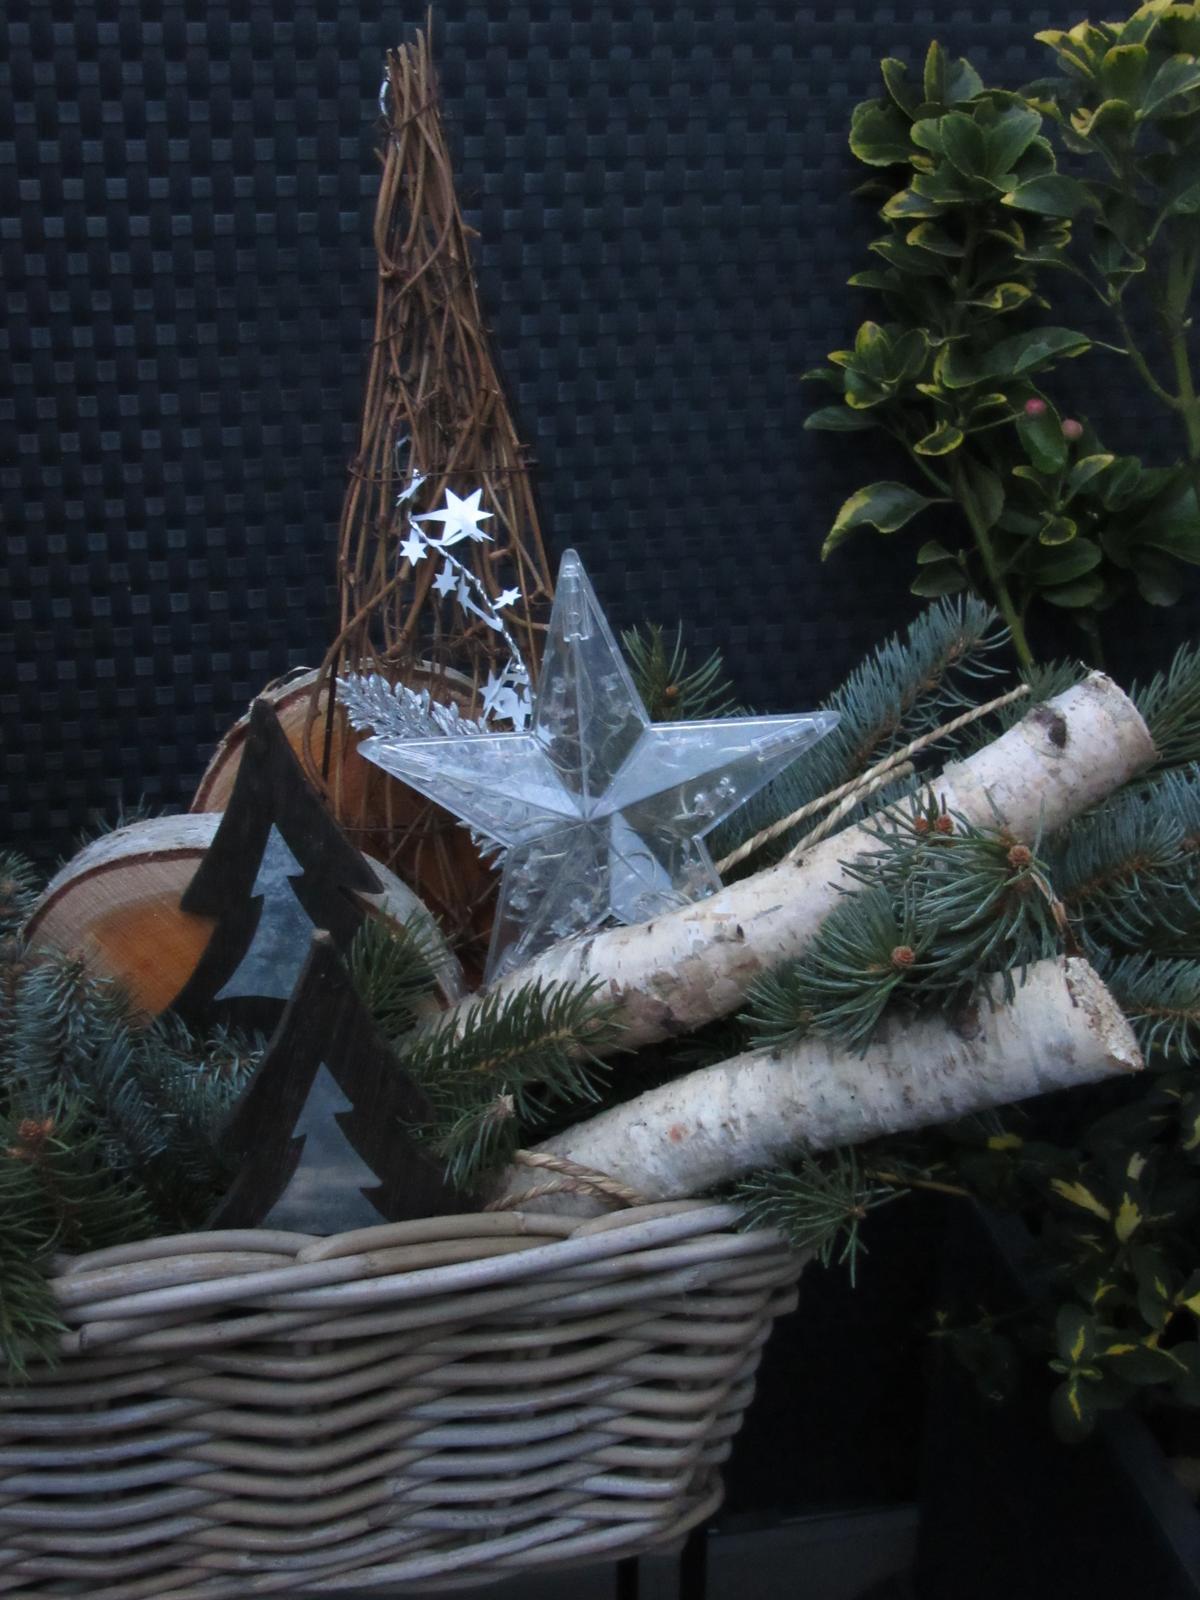 Čas vánoční - těším se , až rozsvítíme:)